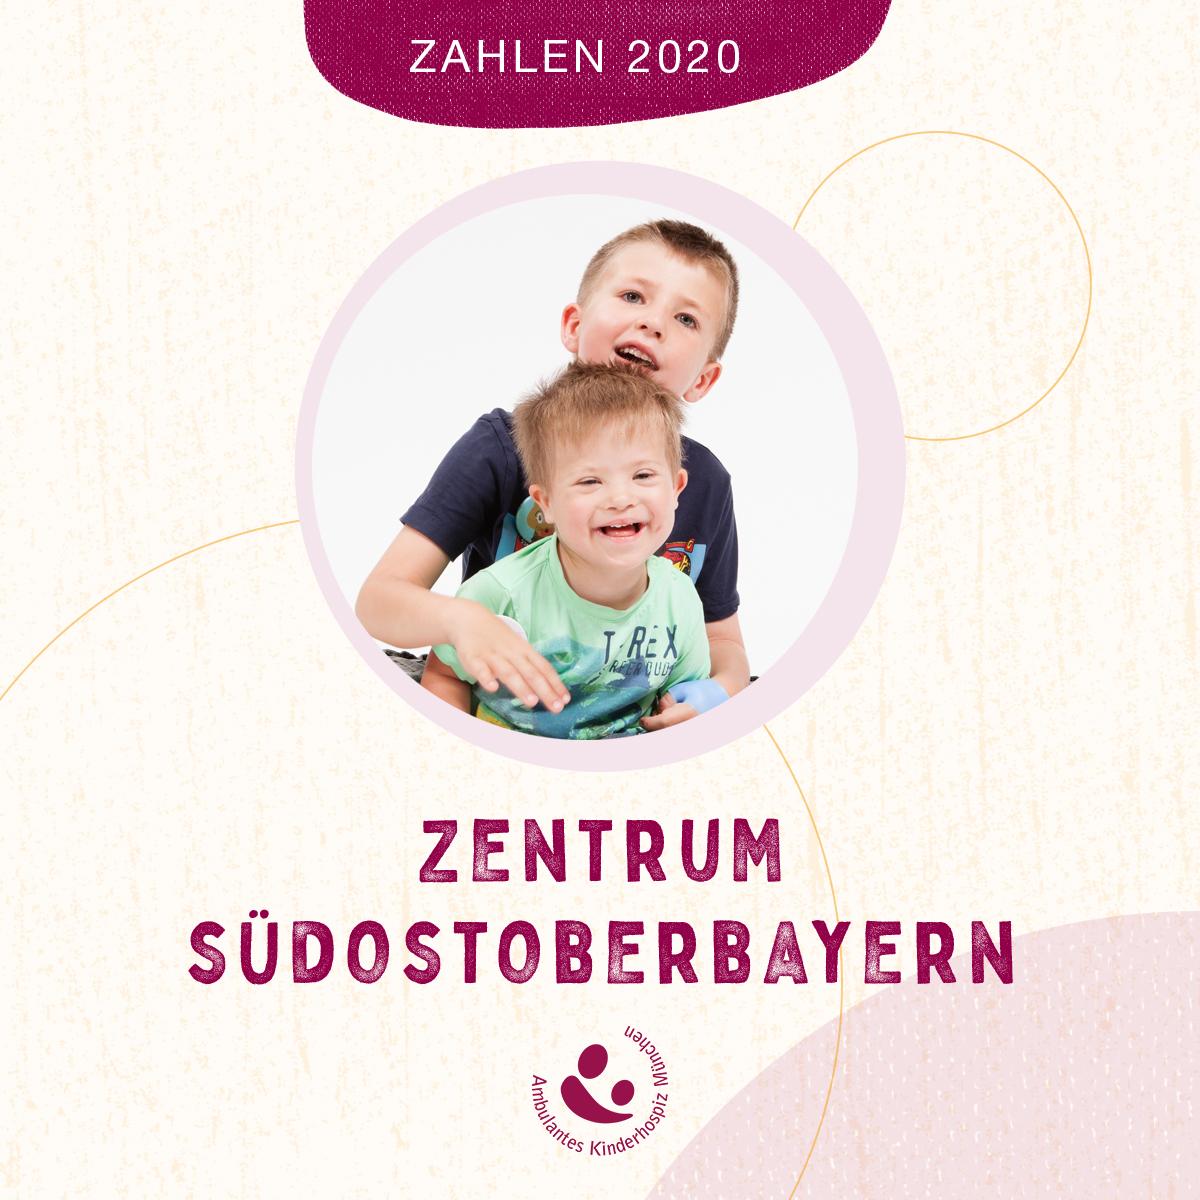 Zahlen 2020 Zentrum Südostoberbayern